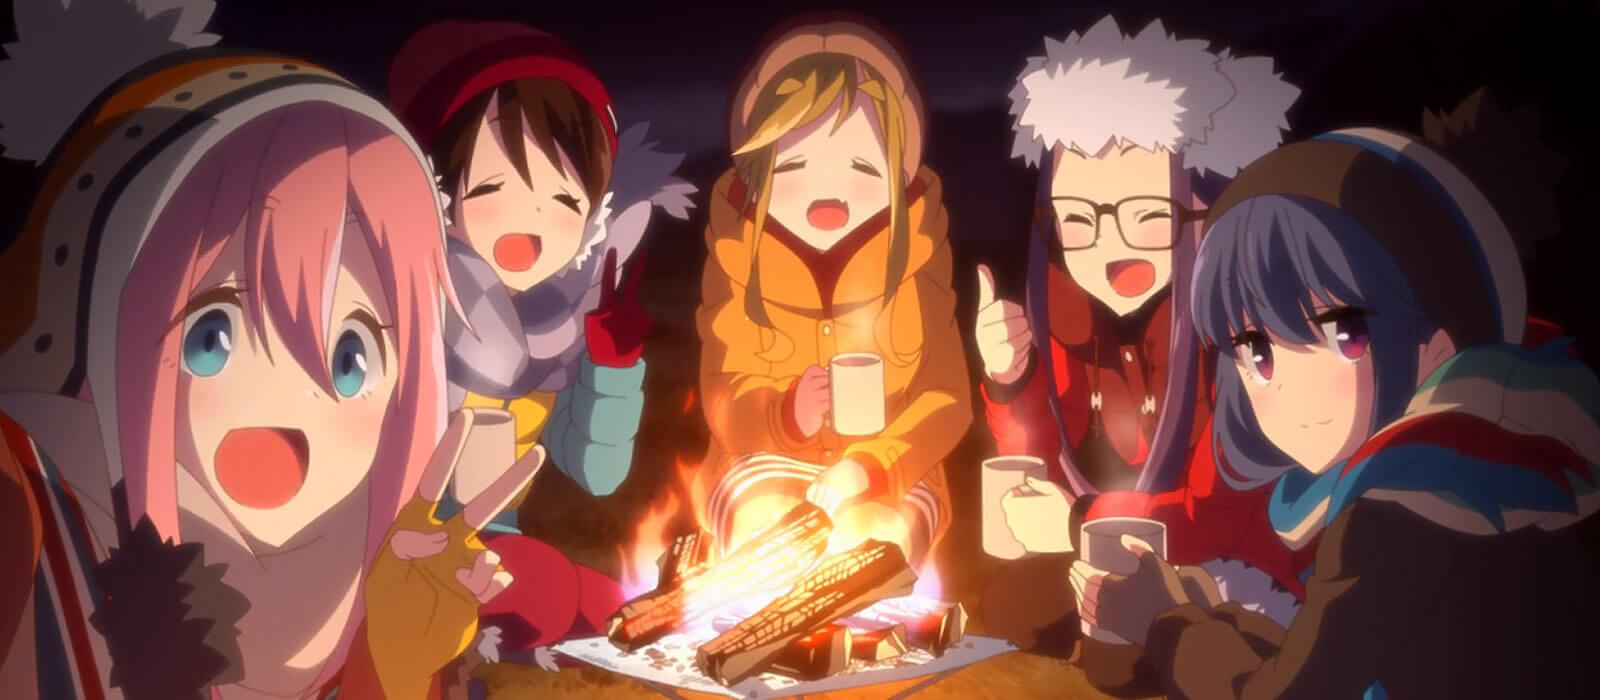 Yuru Camp / Laid-Back Camp